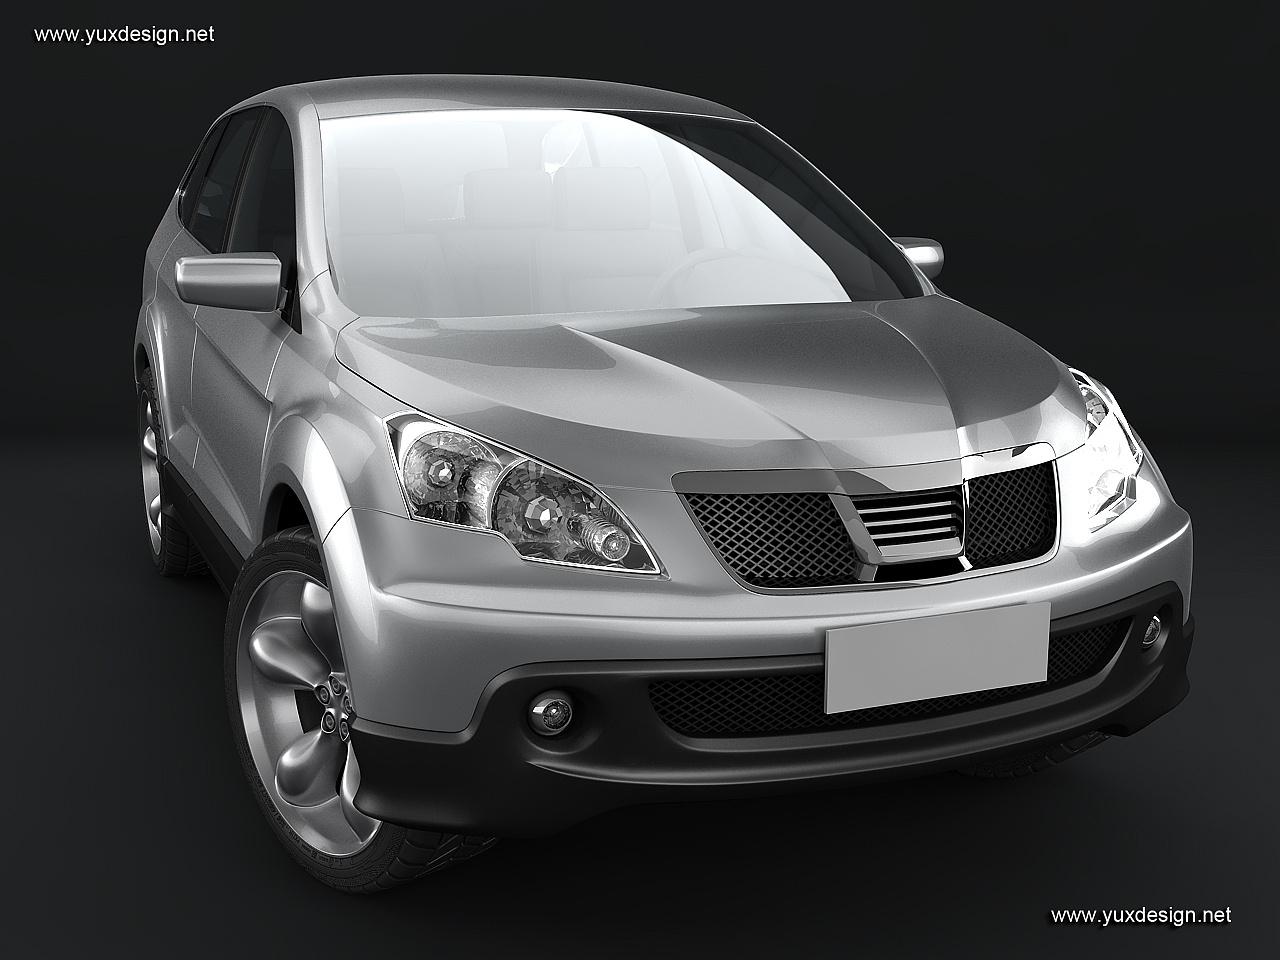 工业产品设计网站_Work-3汽车网站互动展示|工业/产品|交通工具|yuxdesign - 原创作品 ...